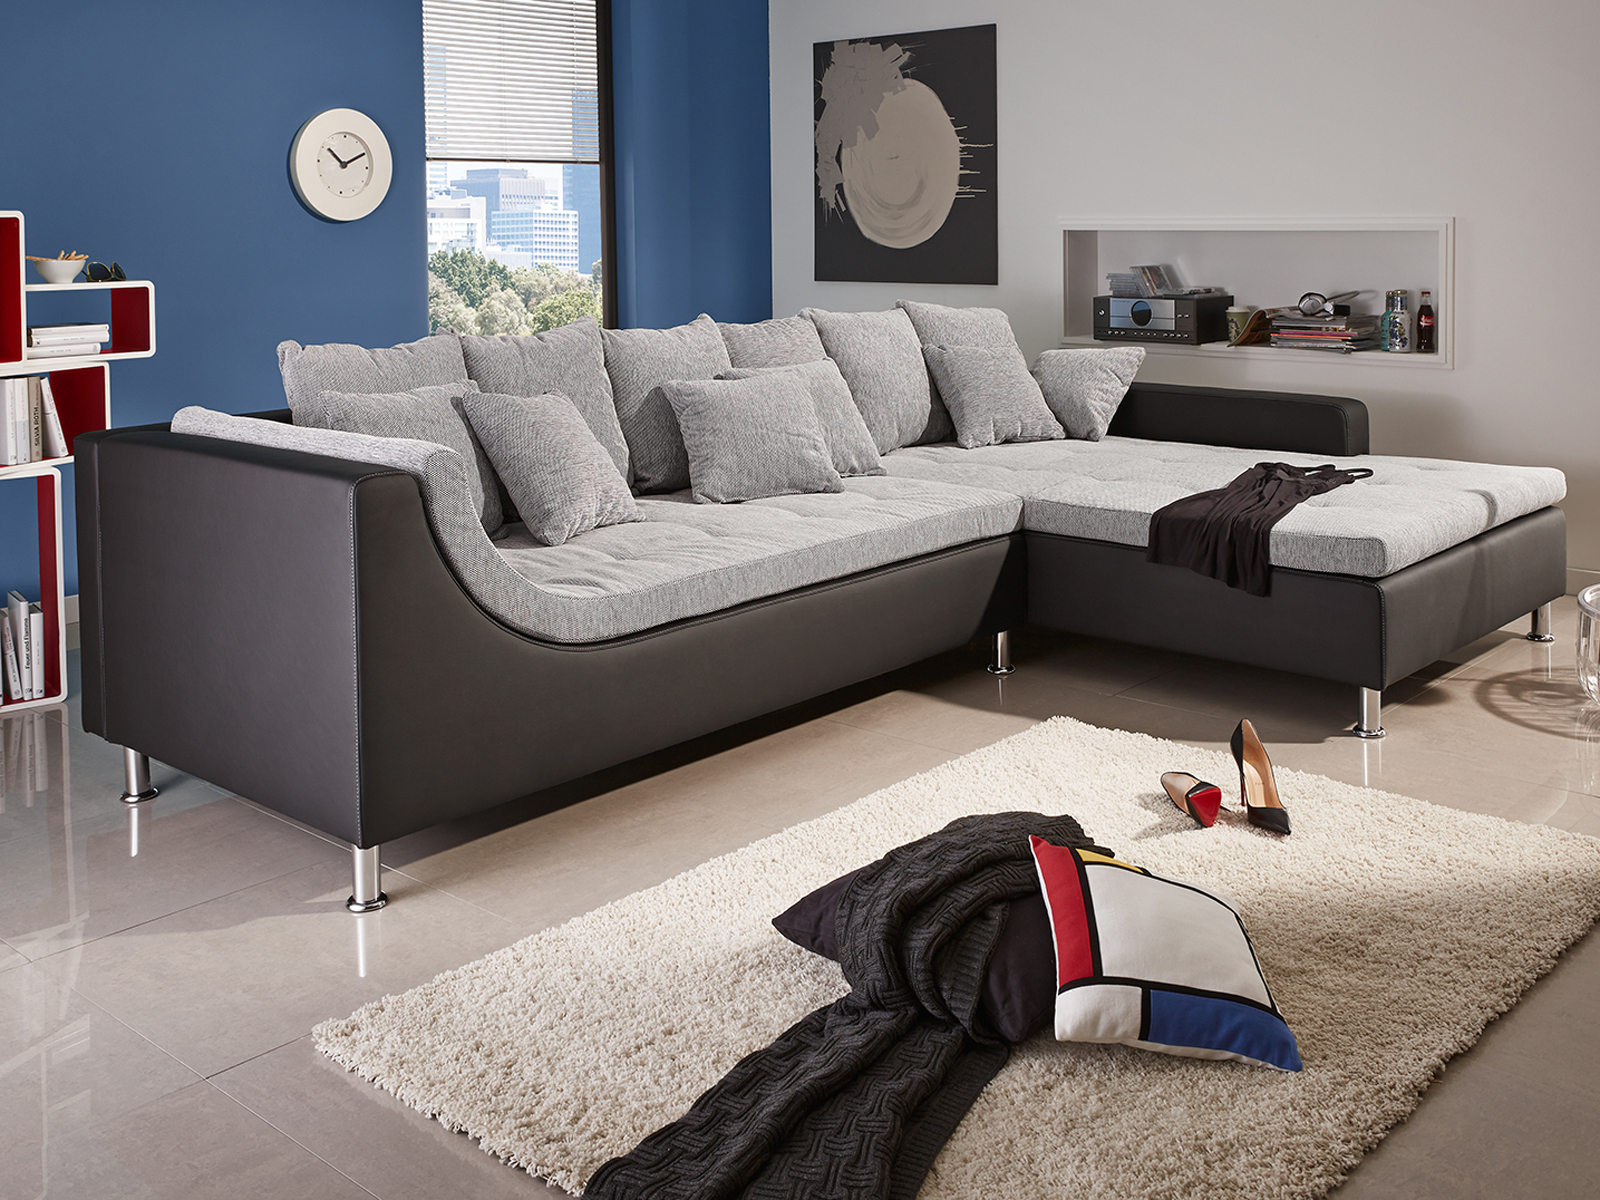 wohnlandschaft montego ecksofa sofa couch mit ottomane mit. Black Bedroom Furniture Sets. Home Design Ideas